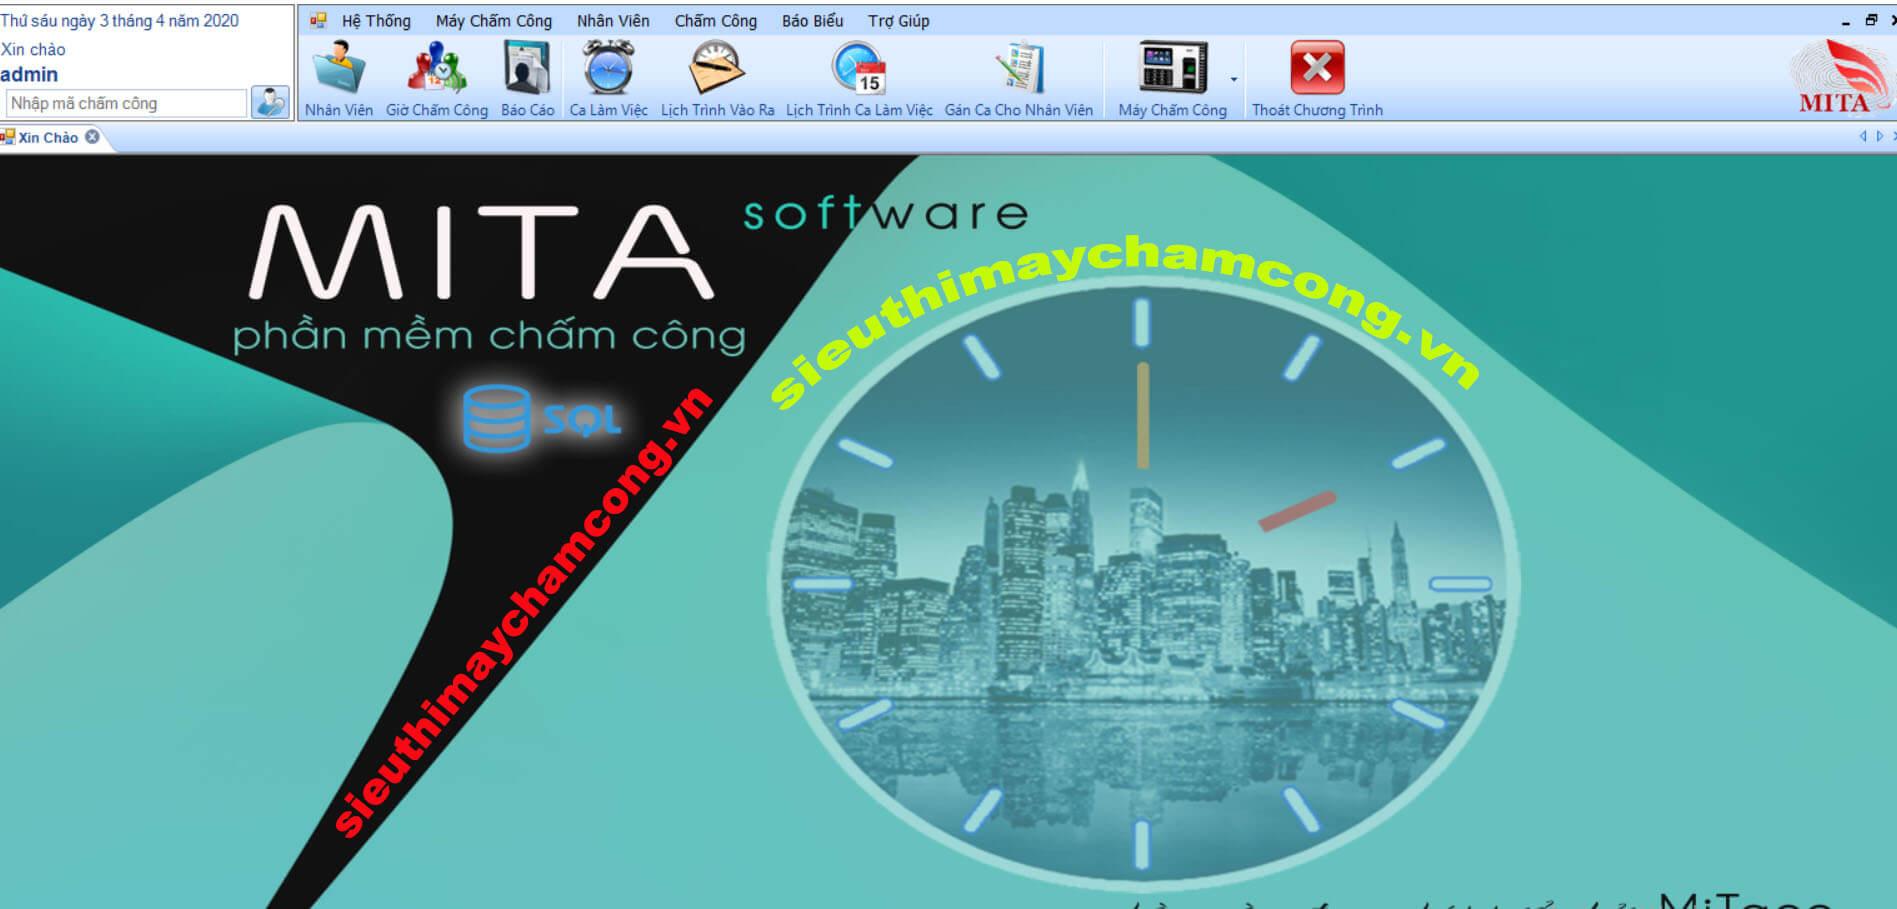 Giao diện phần mềm chấm công Mita Pro